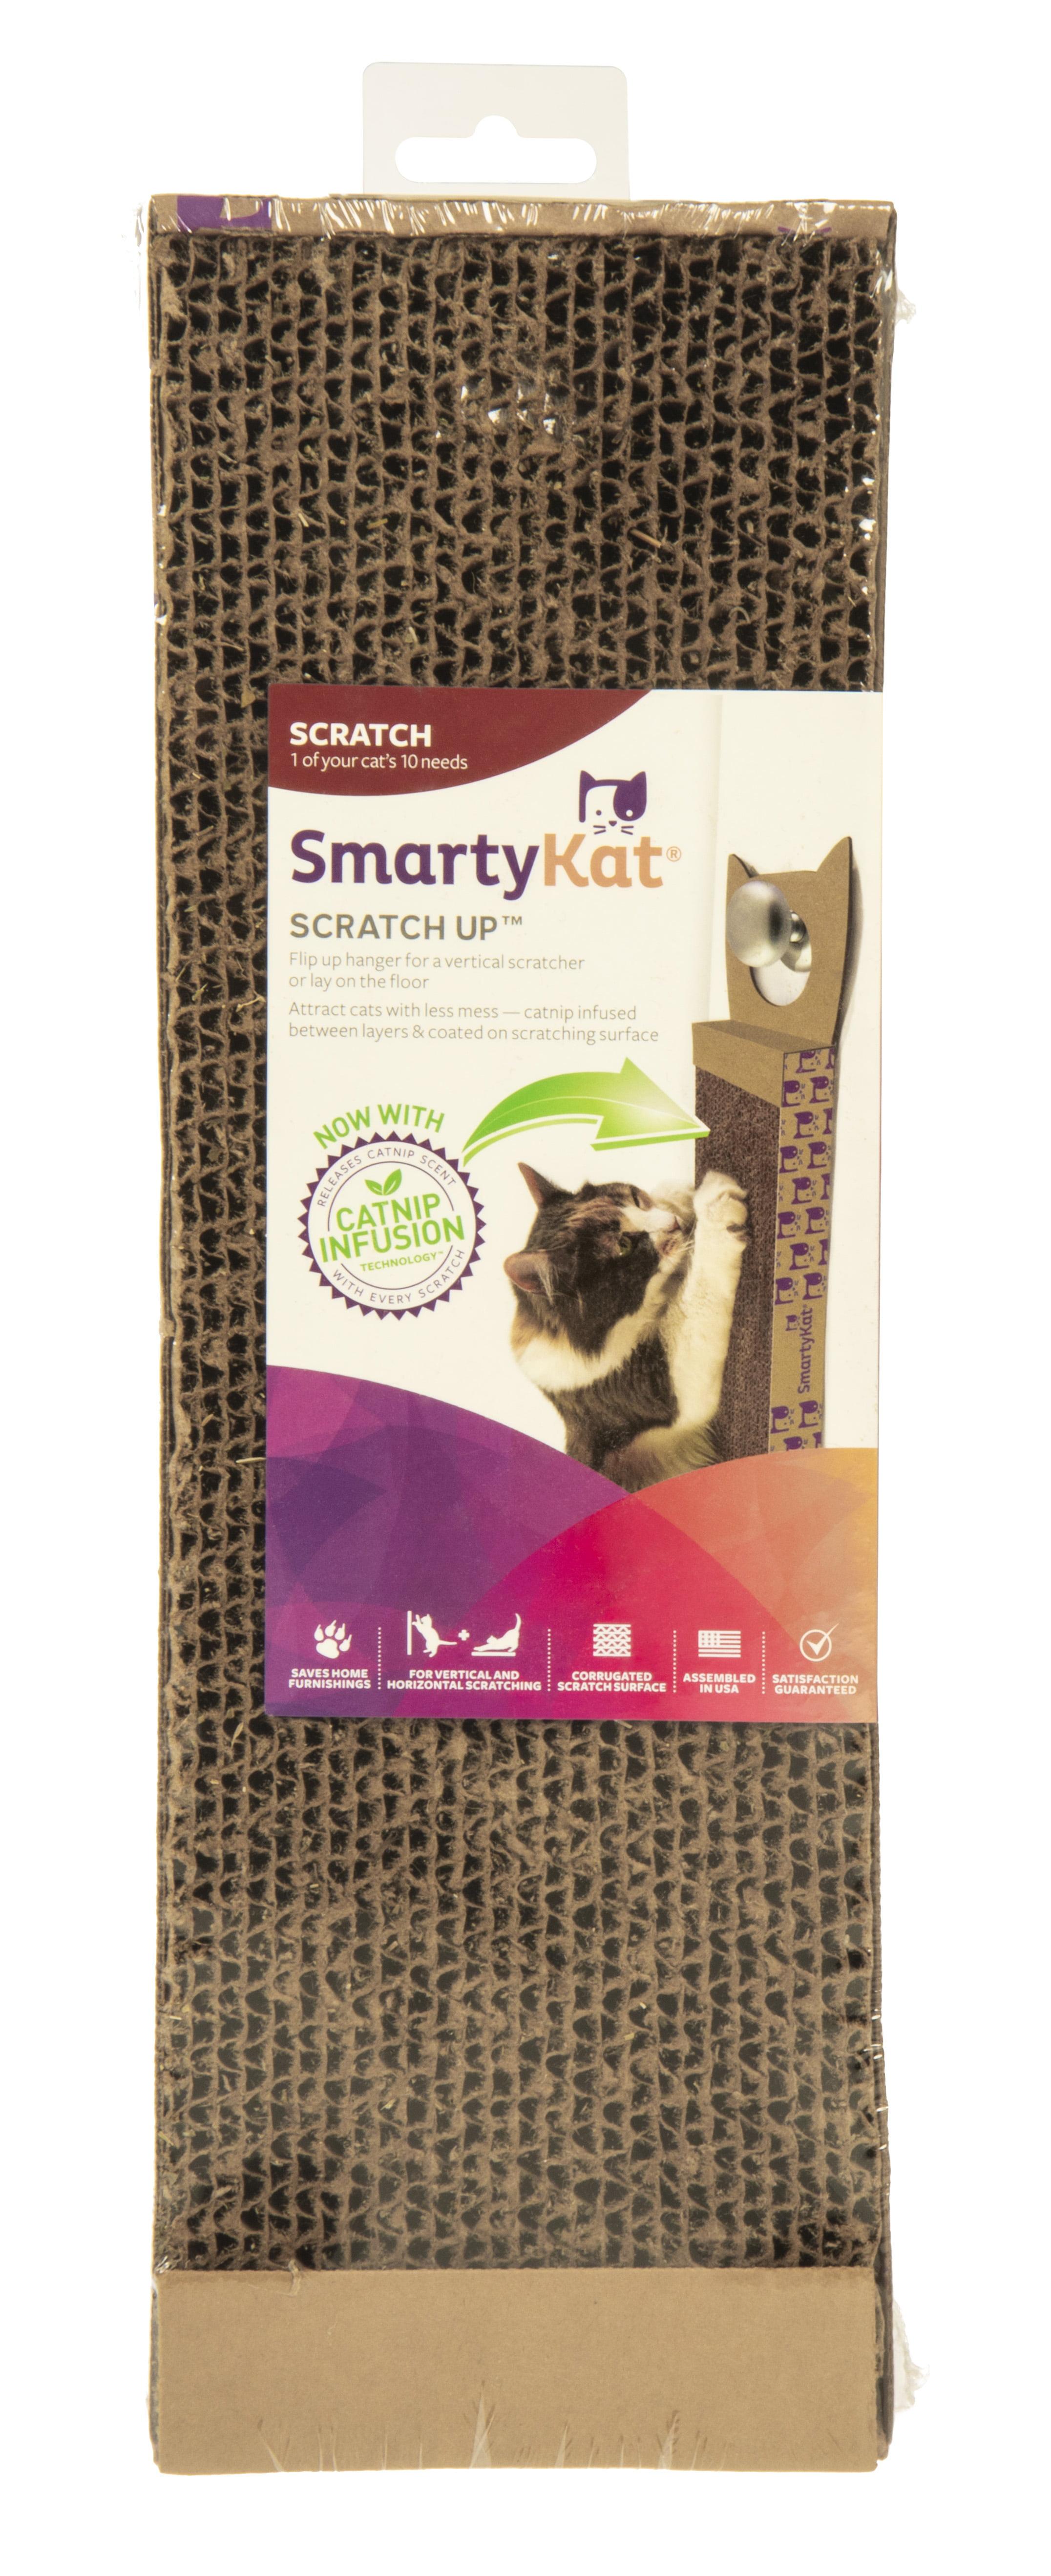 Scratch Up Catnip Infused Corrugated Hanging Cat Scratcher Walmart Com Walmart Com